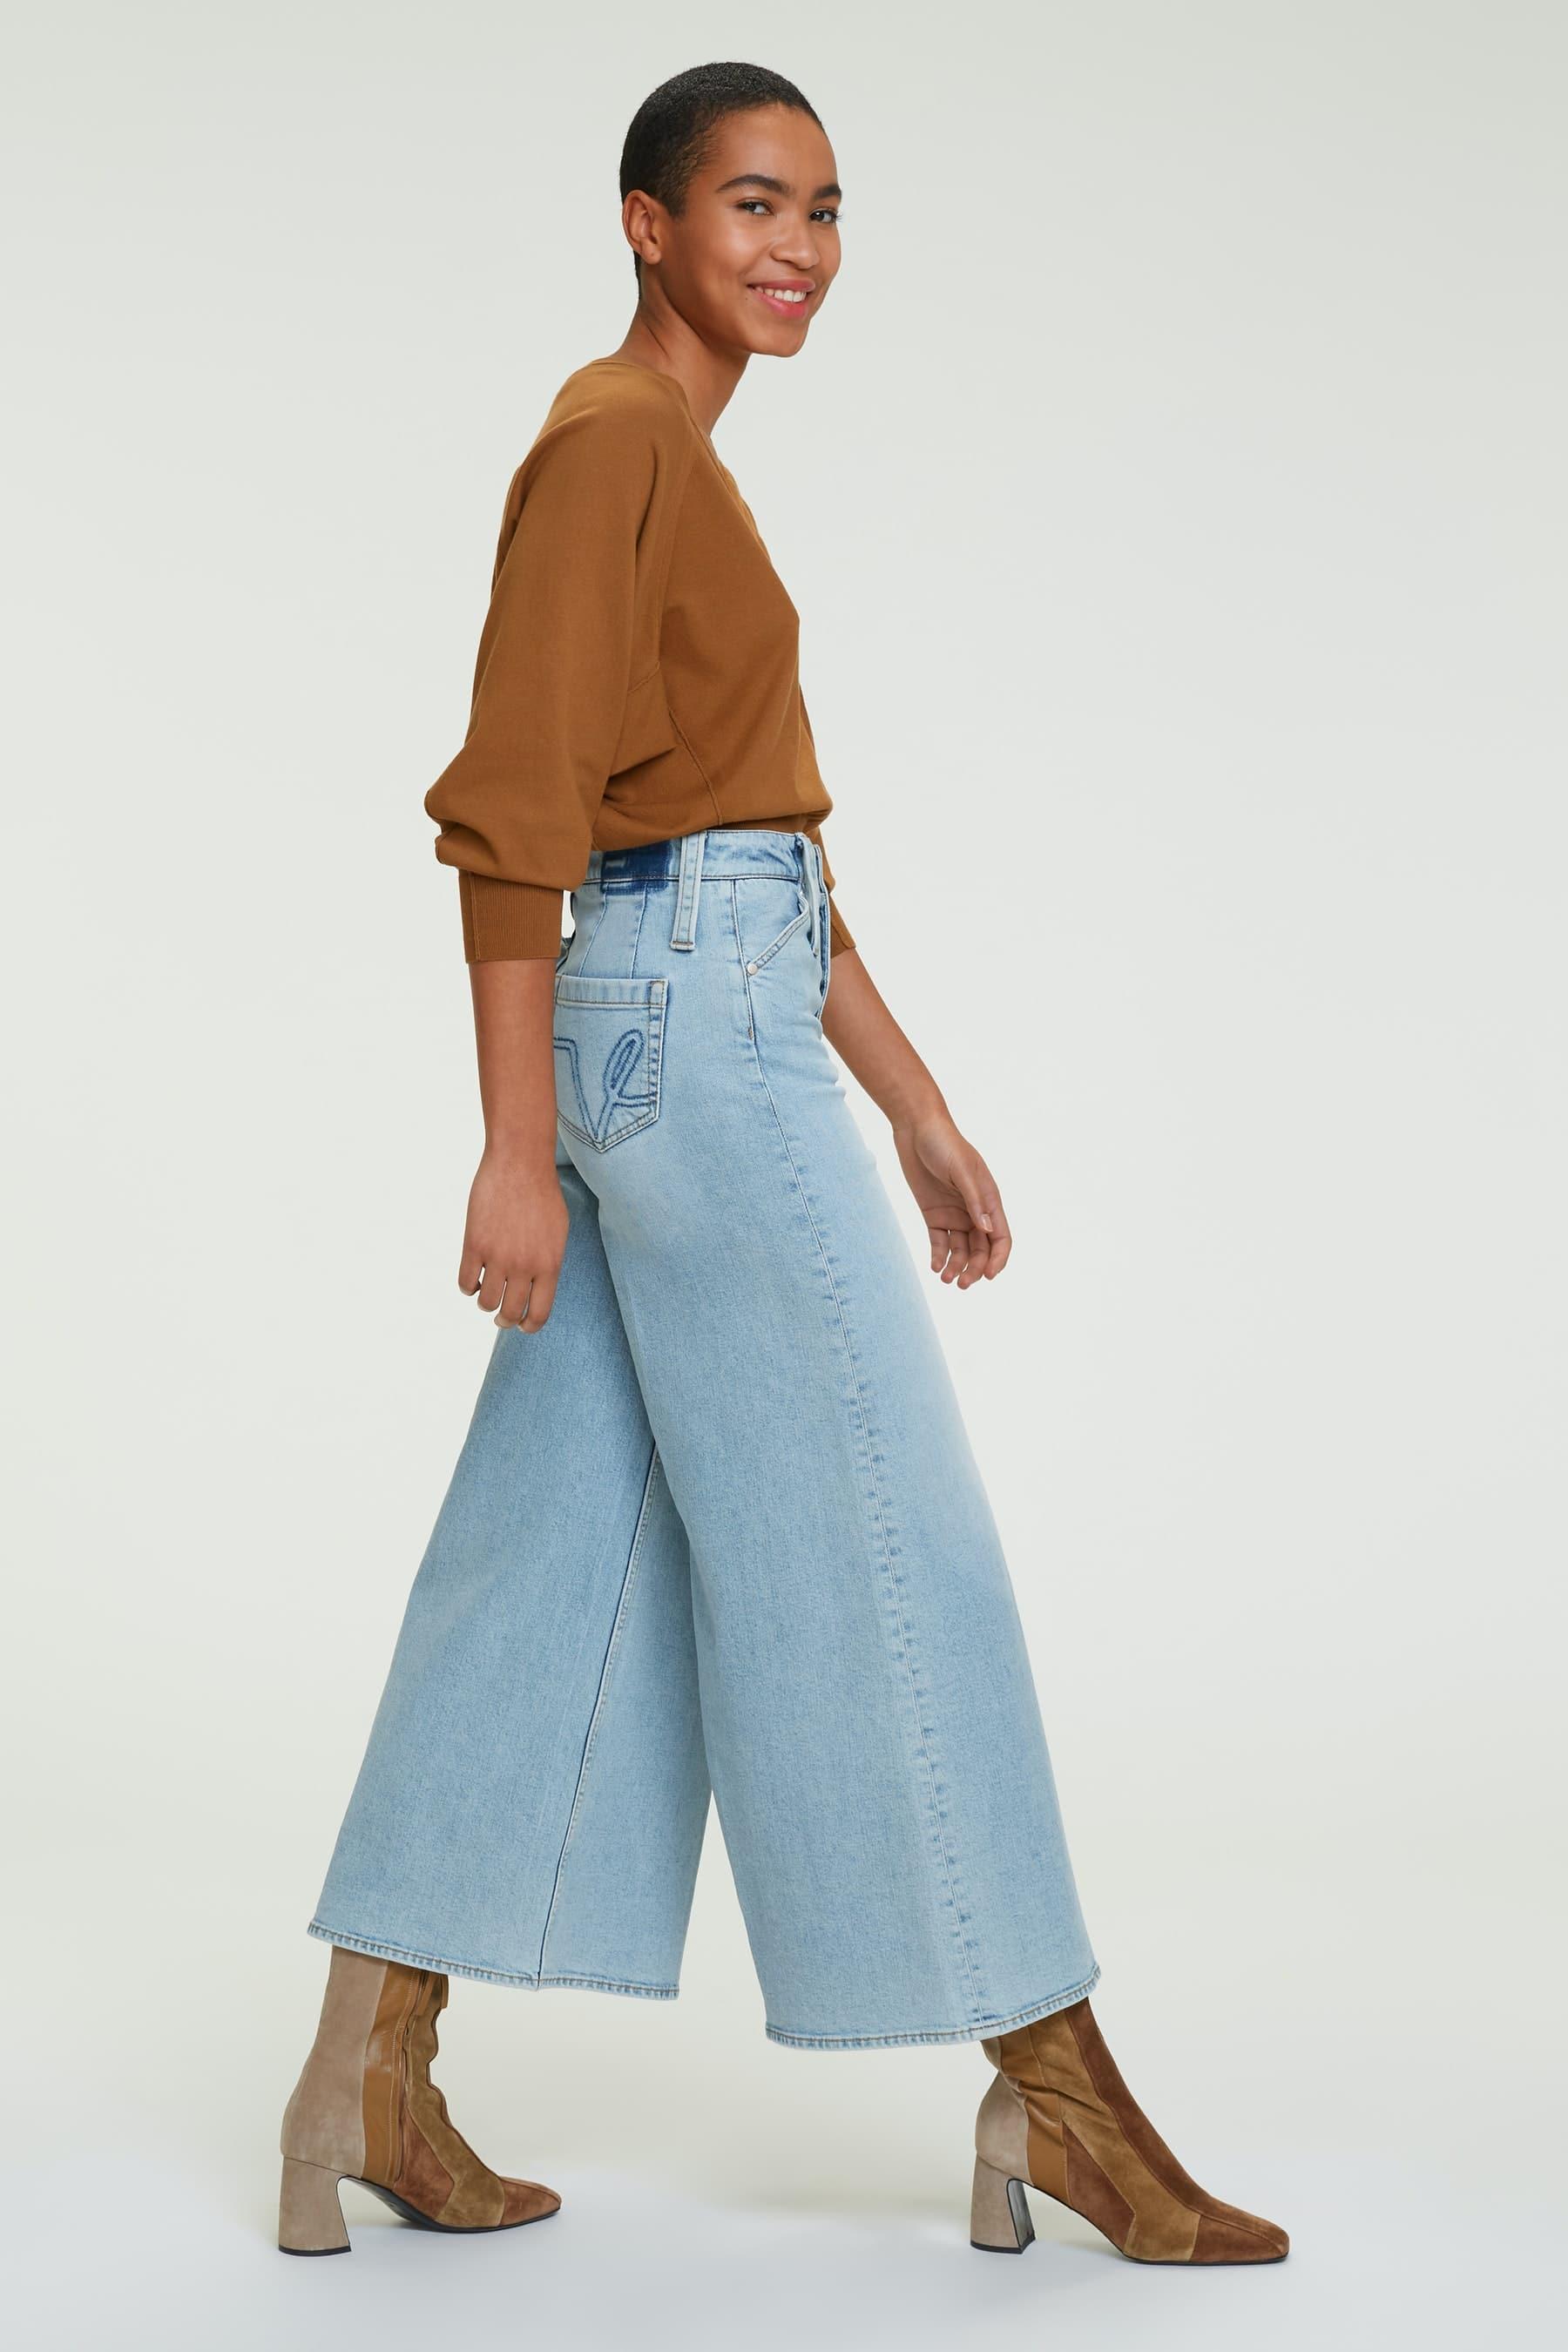 Girl in wide leg jeans